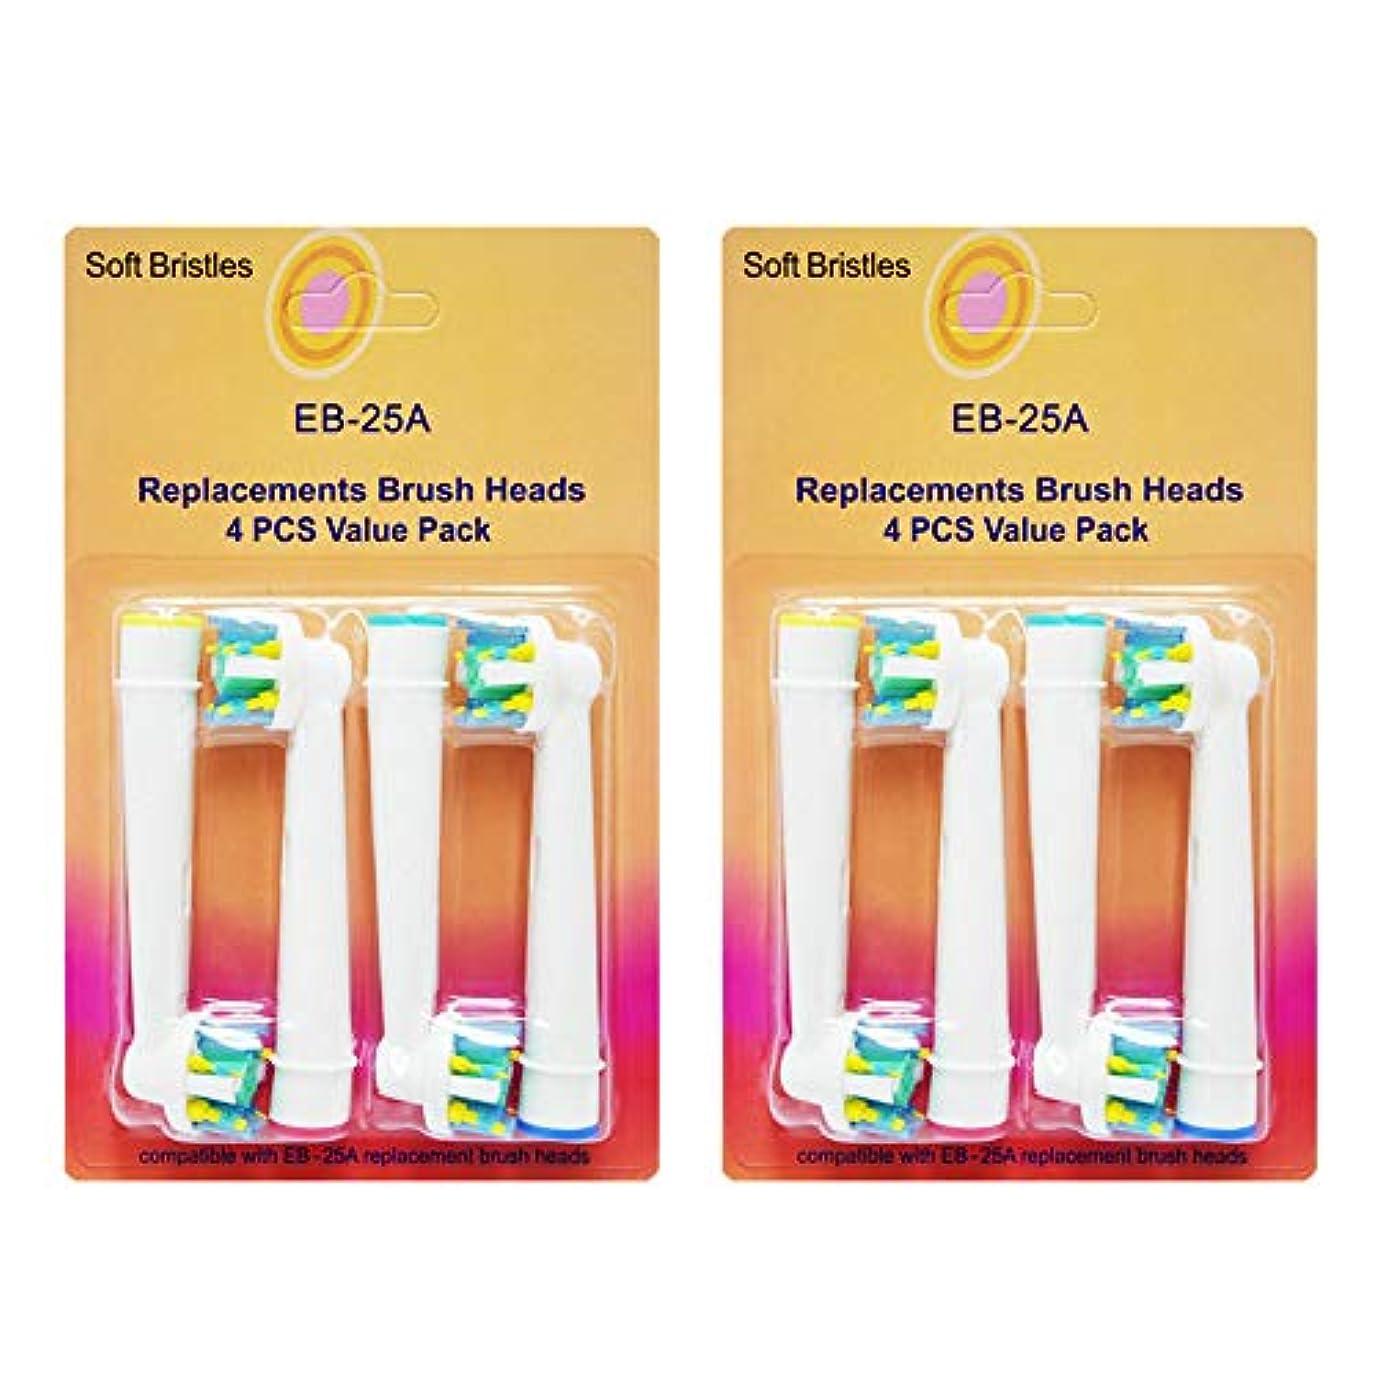 リース壊す答えブラウン BRAUN オーラルB 対応 歯間ワイパー付ブラシ 互換 ブラシ 相当品 歯ブラシ 互換ブラシ (2セット合計8本(4本1セット×2)) アーモロート(amaurot) EB25 EB-25 eb25 eb-25